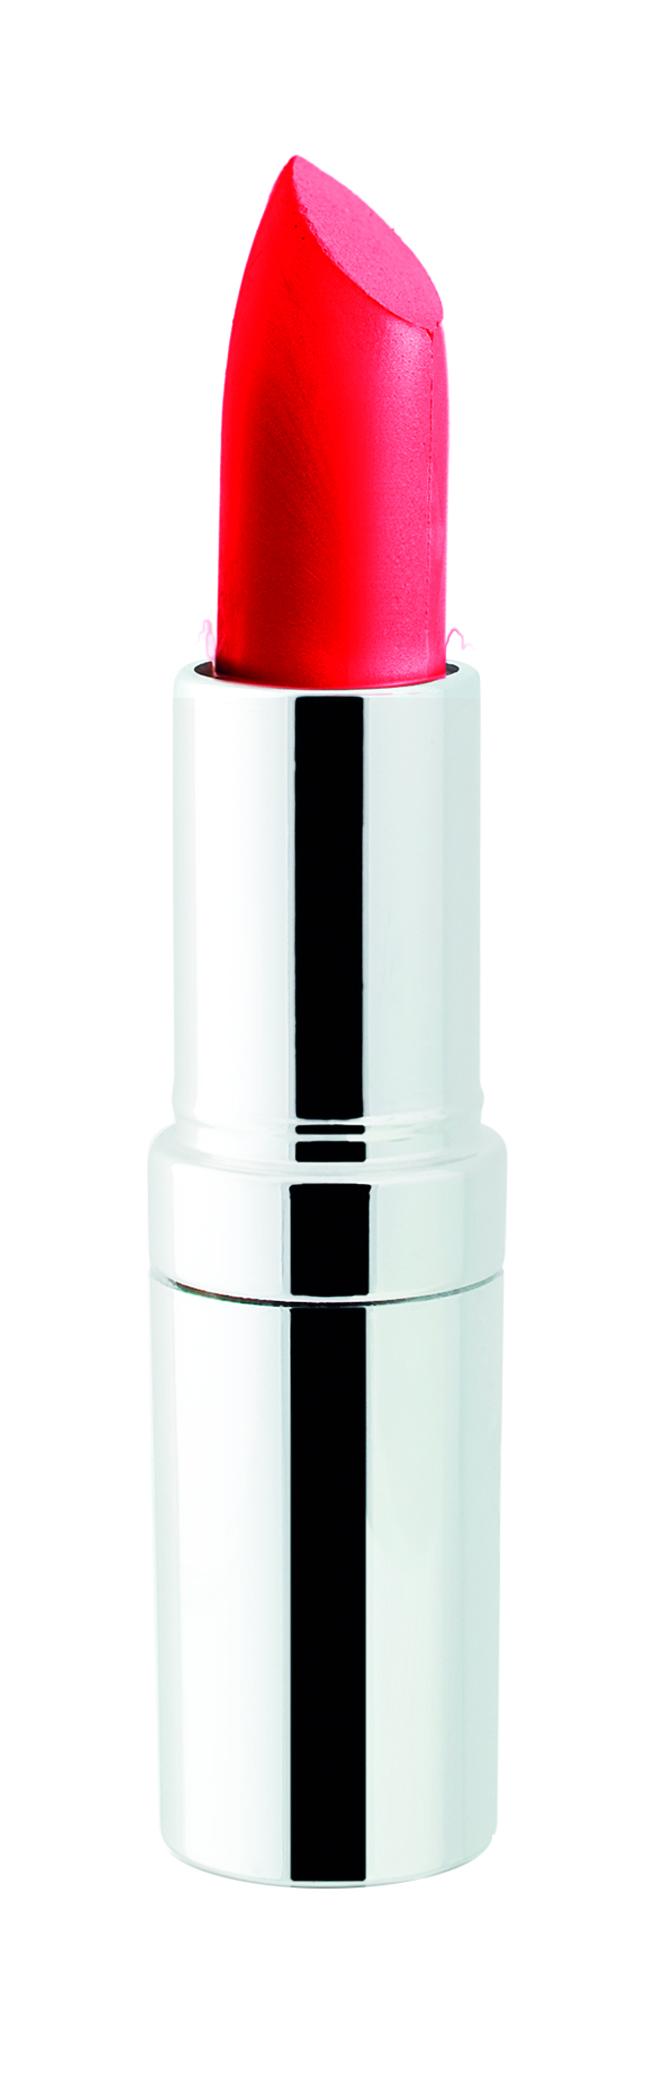 SEVENTEEN Помада губная устойчивая матовая SPF 15, 21 ярко коралловый / Matte Lasting Lipstick 5 г